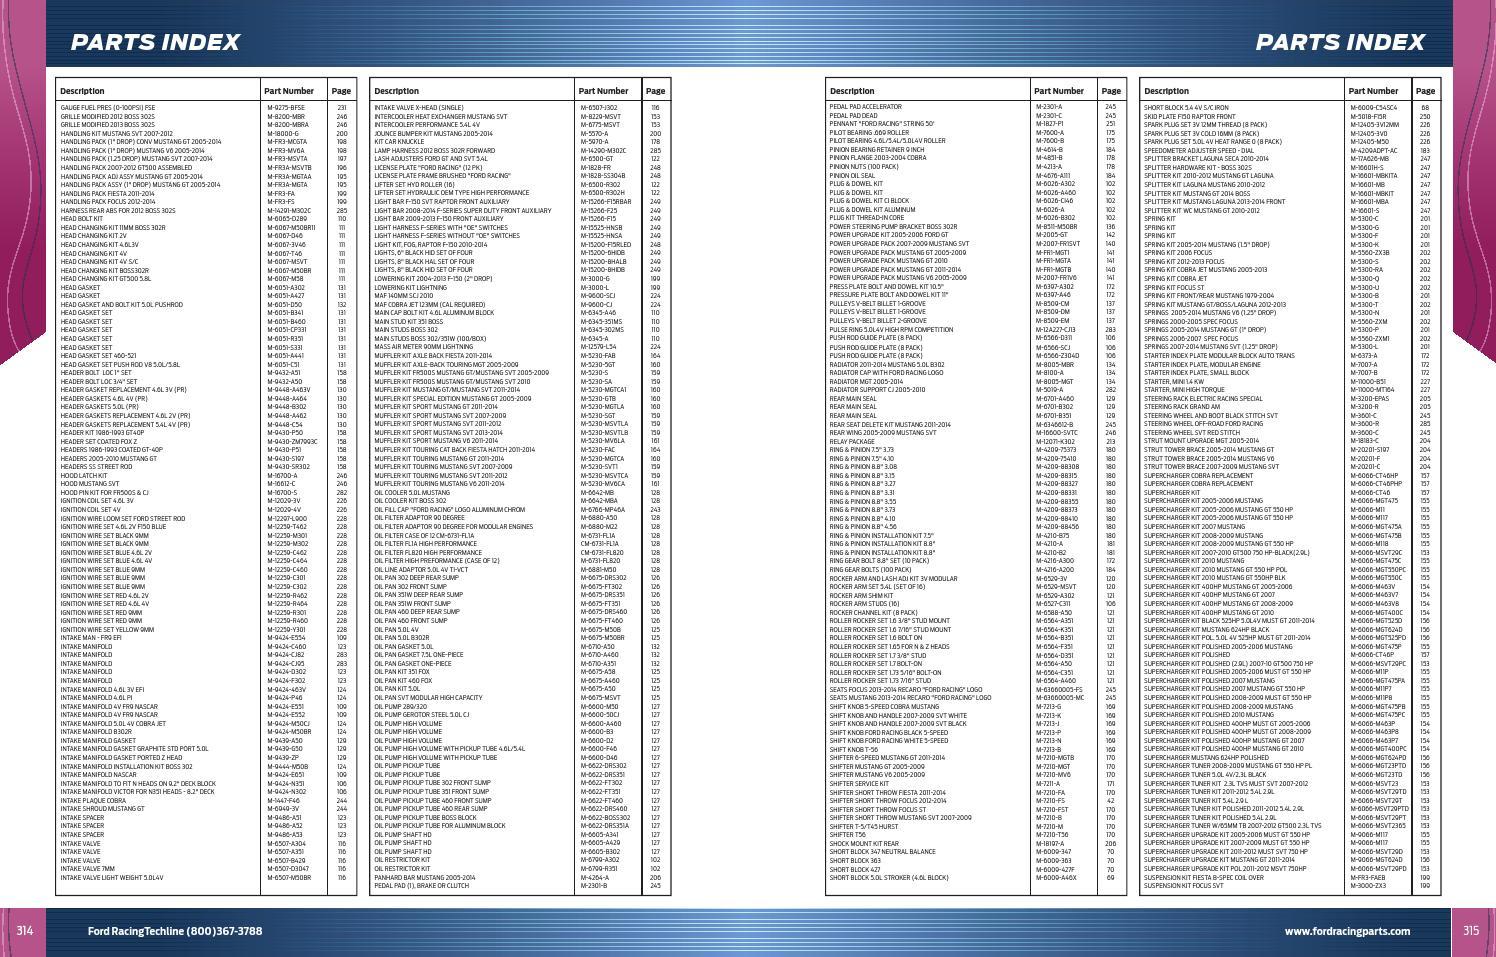 FORD RACING 2005-2010 MUSTANG 4.6L ALUMINUM BLOCK MAIN CAP BOLT KIT M-6345-A46